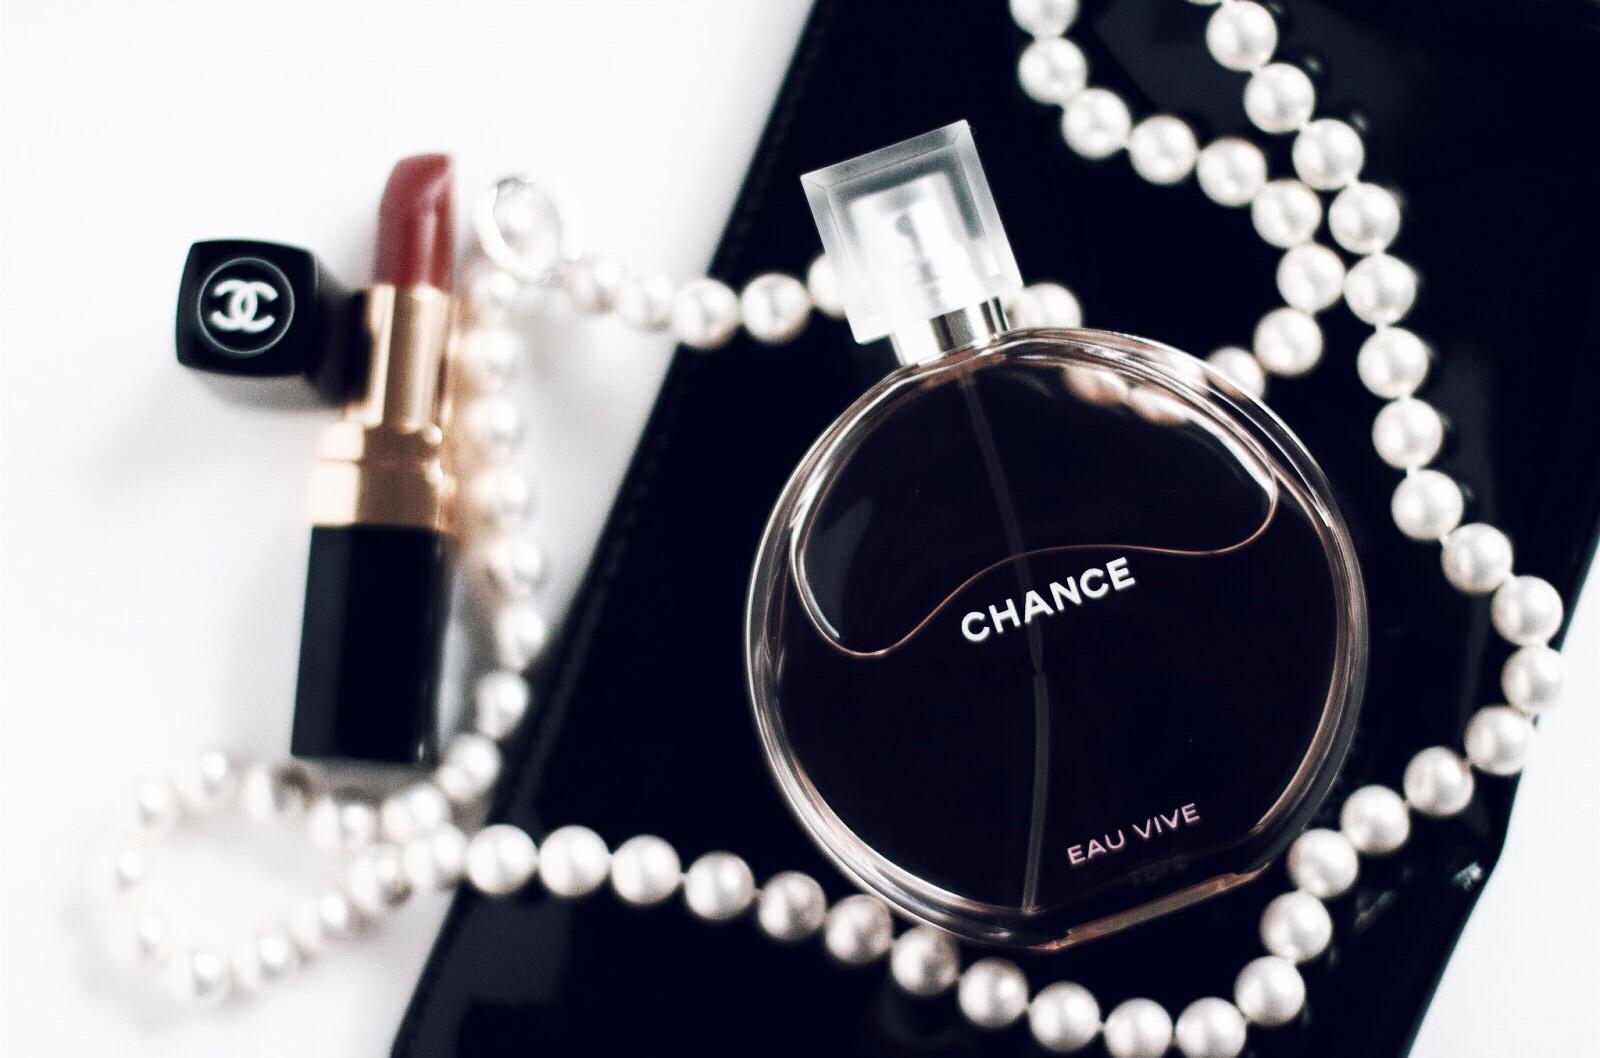 chanel chance eau vive parfum avis test